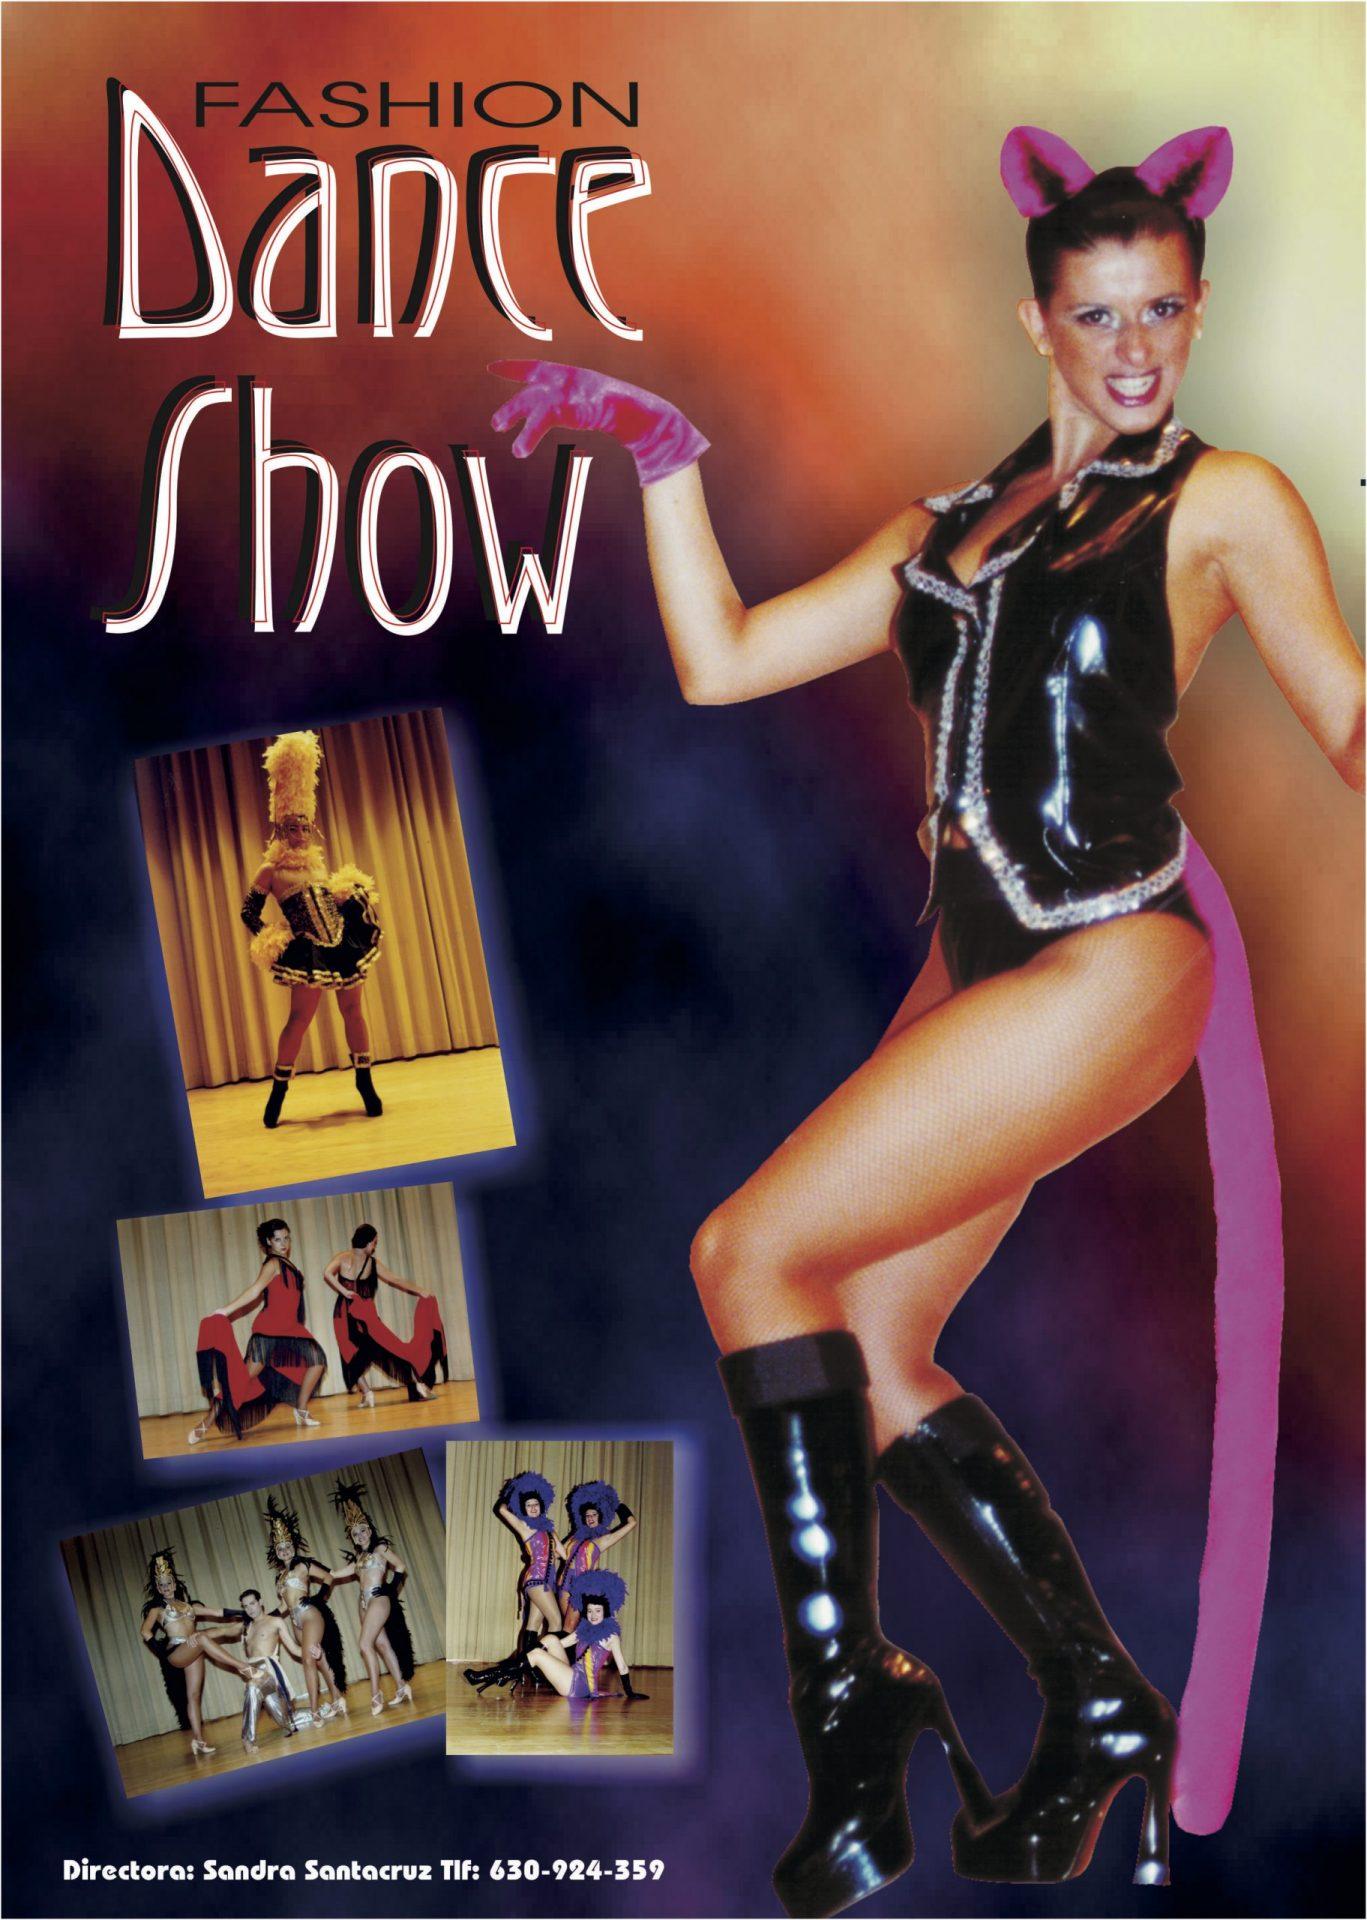 Cartel Fashion Dance Show de la Compañía de Danza Sandra Santa Cruz donde una bailarina posa como una pantera de manera destacada y la acompañan 4 fotos de diferentes números del espectáculo